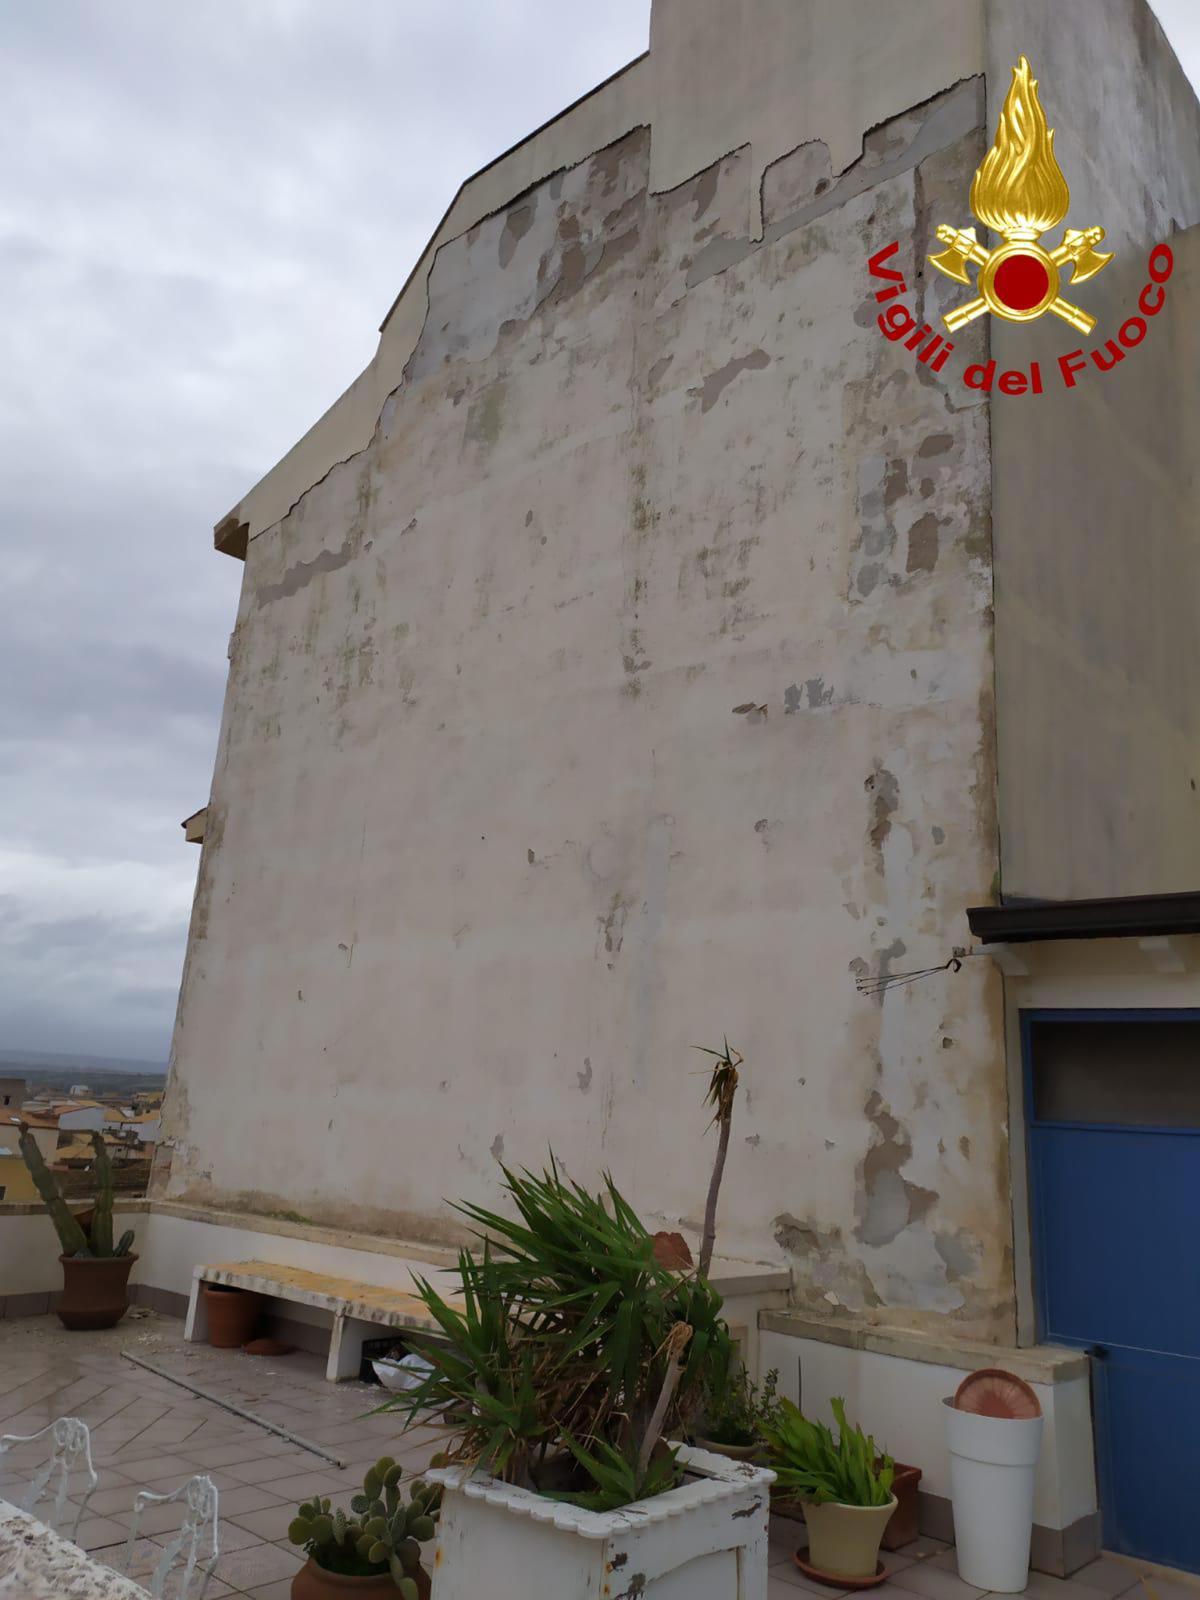 Allerta meteo 'rossa': domani scuole chiuse a Siracusa, Catania e Ragusa